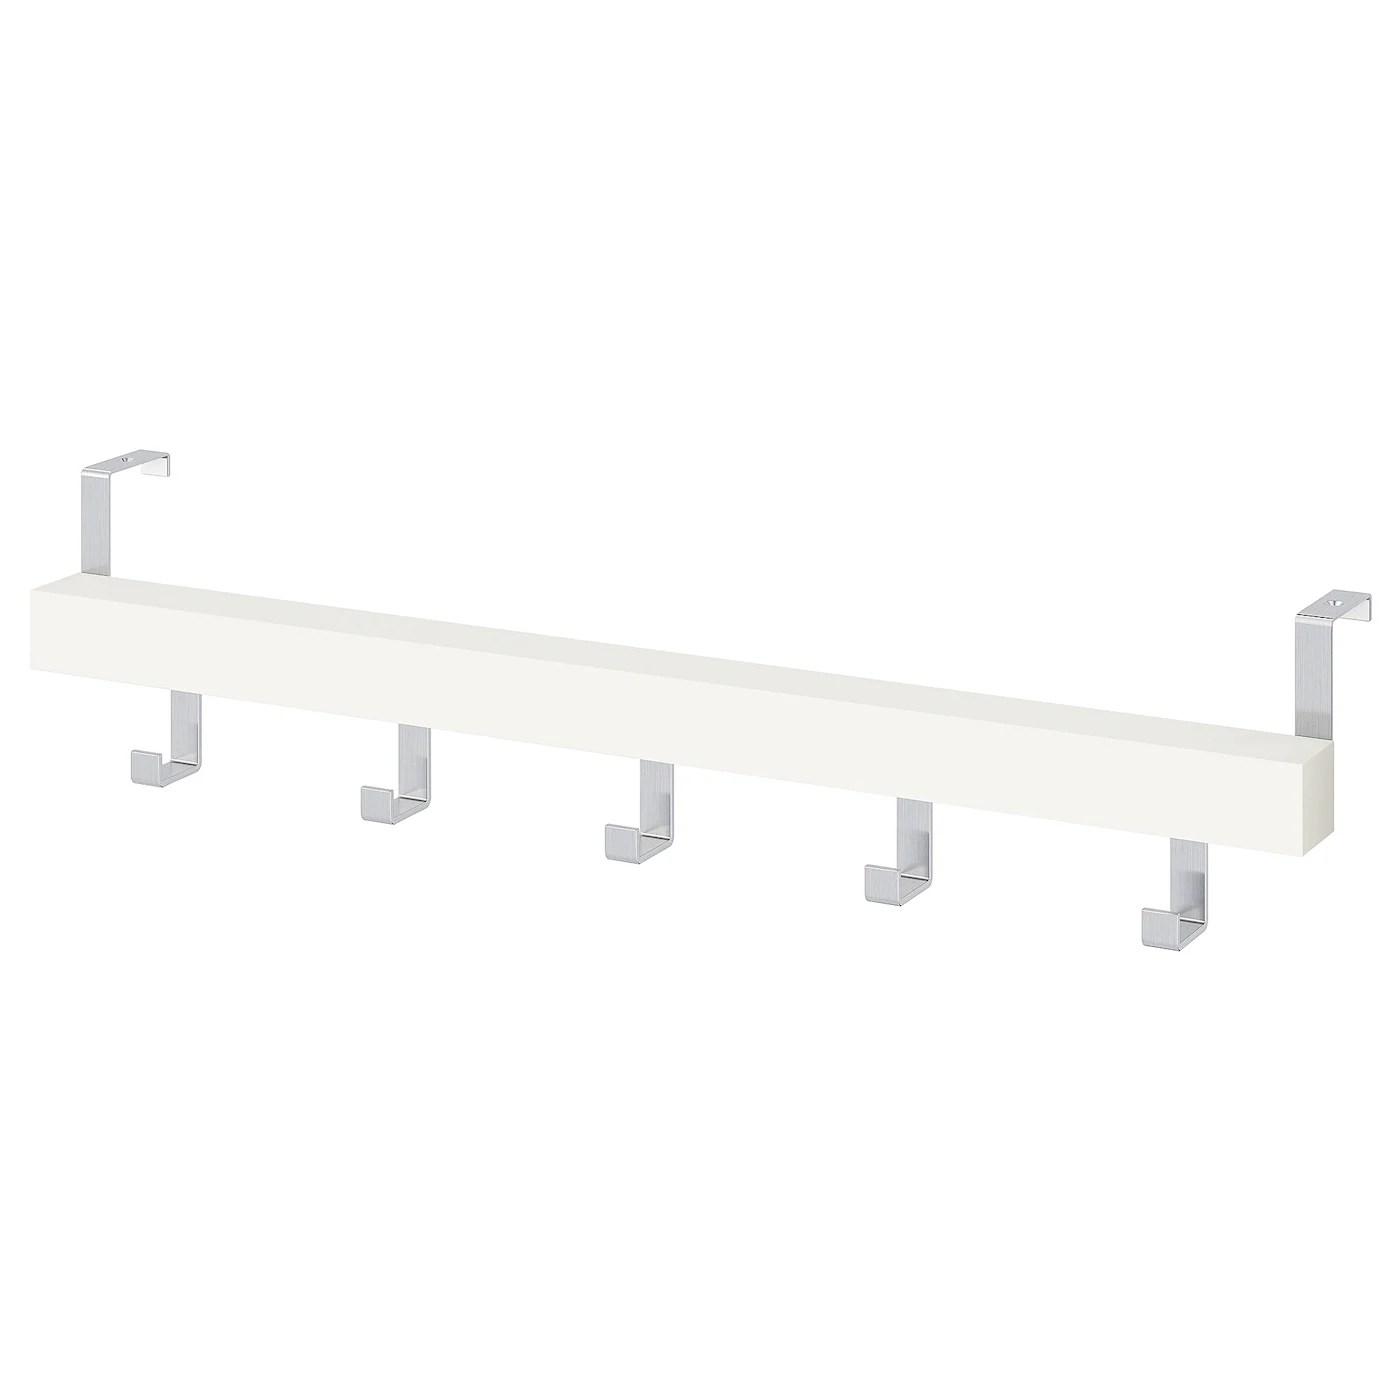 Tjusig Hanger For Door Wall White 60 Cm Ikea